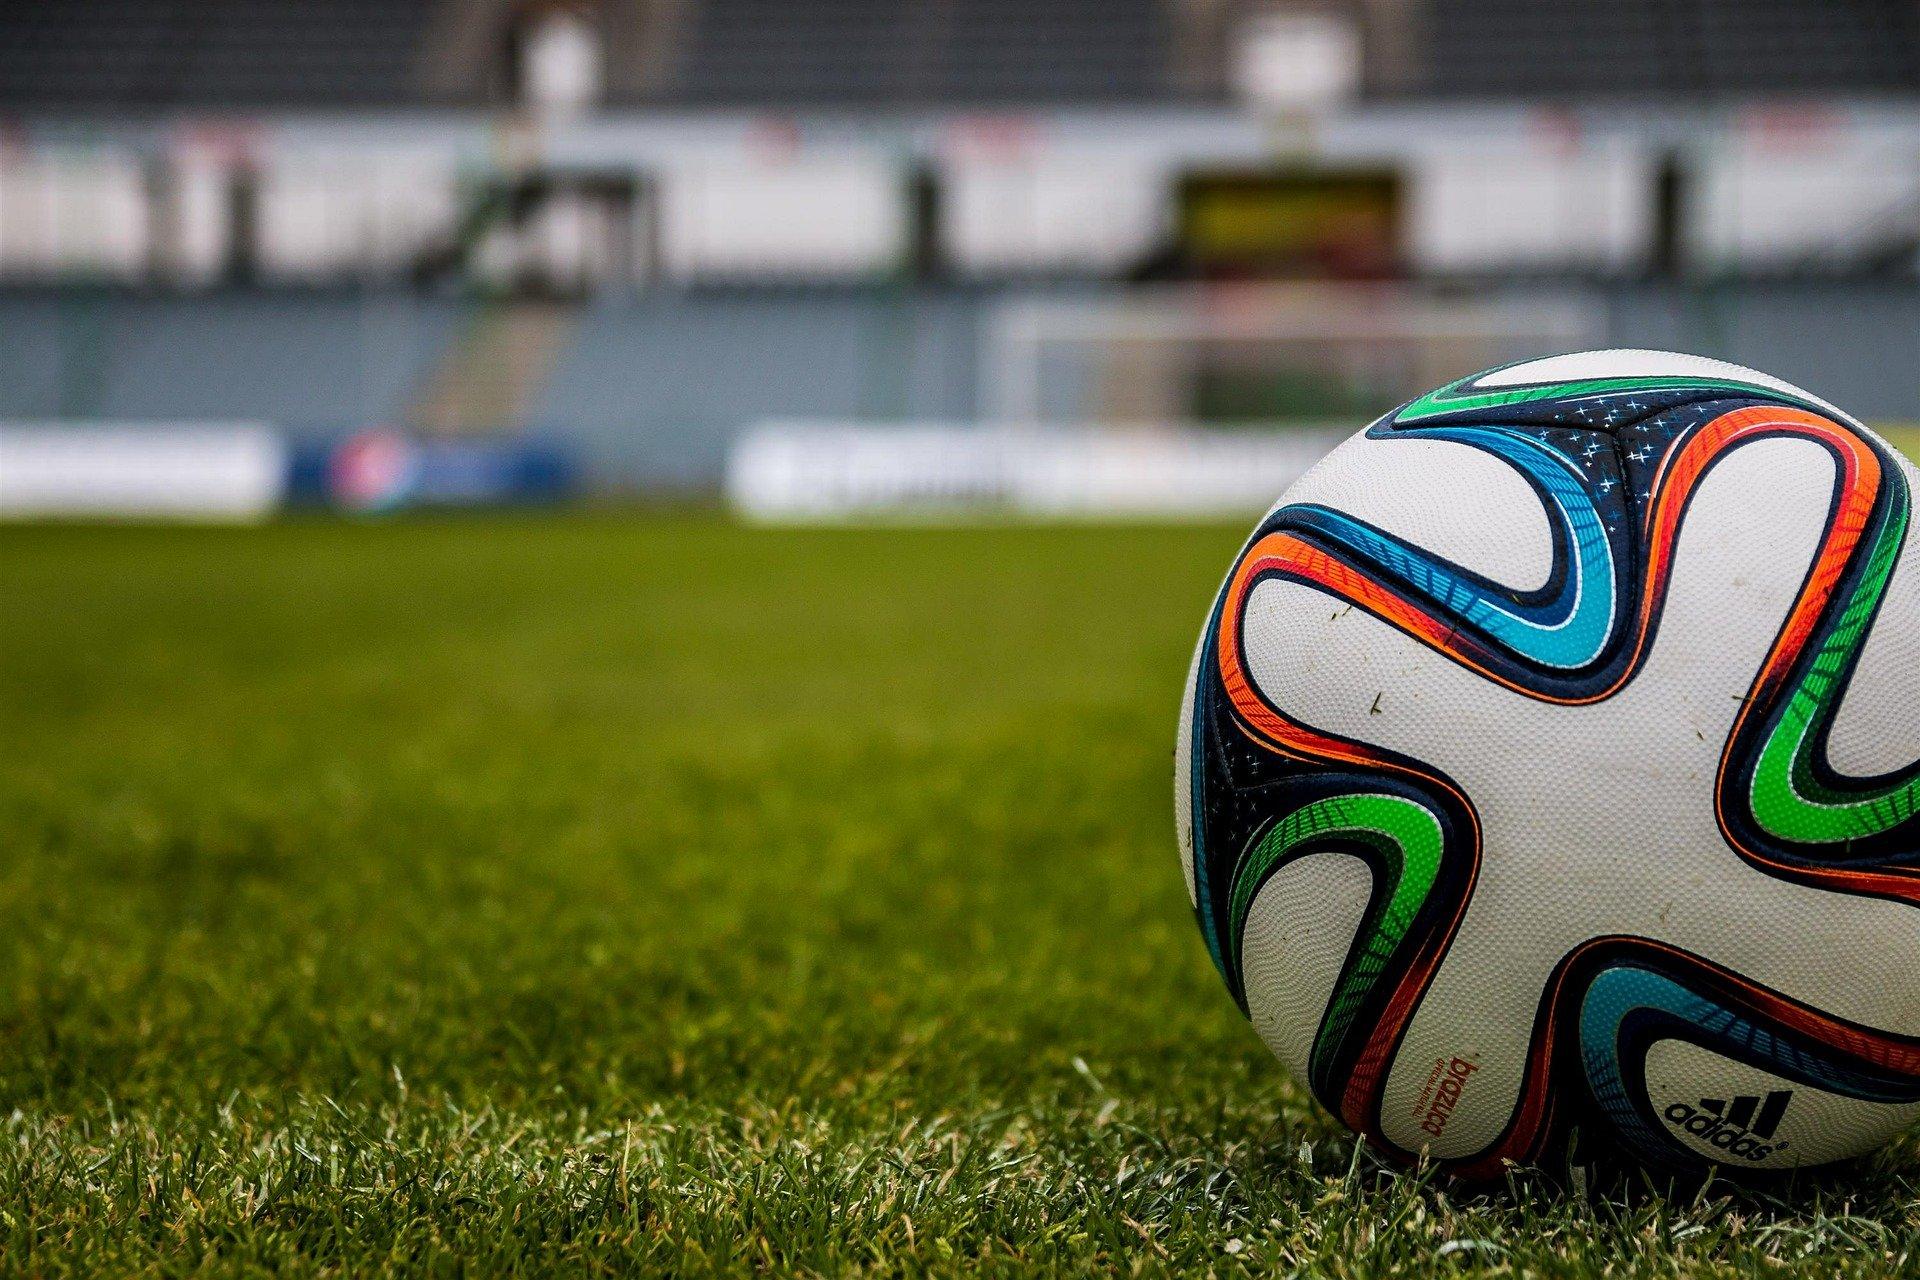 Fußball: Rückkehr des verlorenen Sohnes  Gerard Deulofeu nach einer langen Odysee?